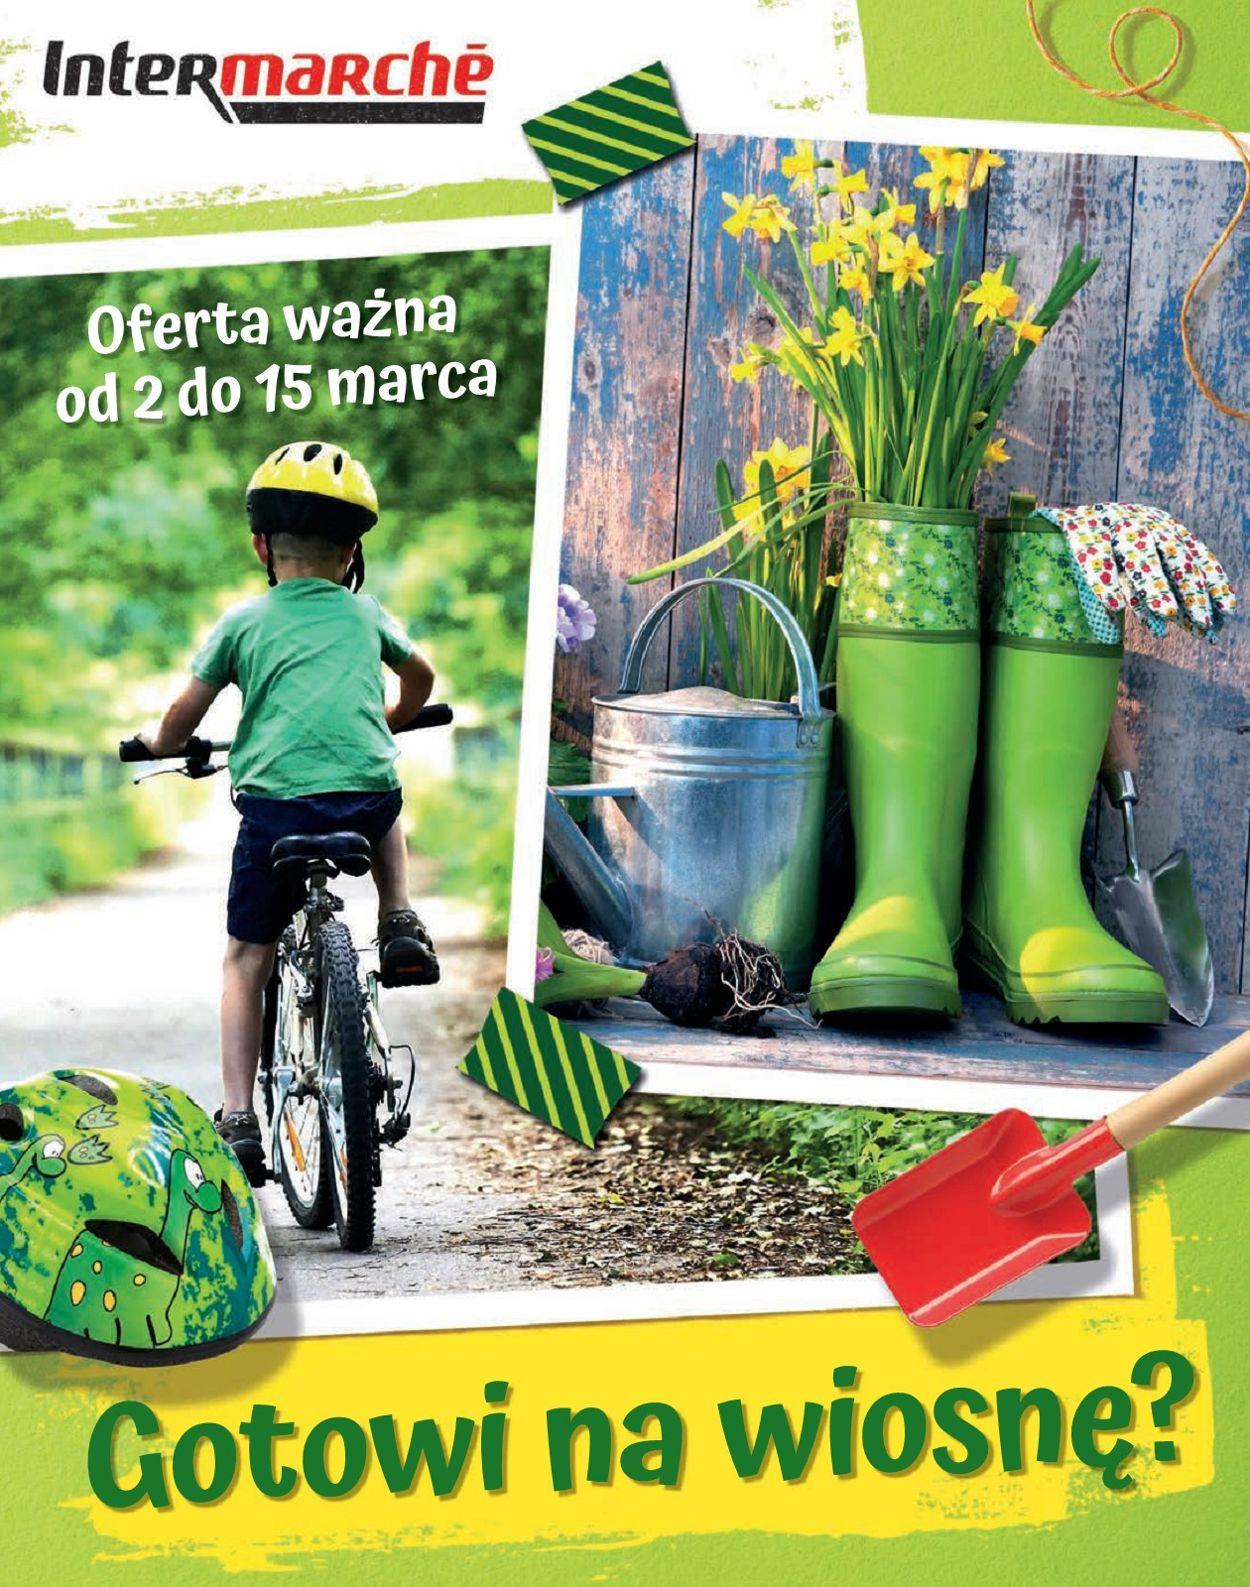 Gazetka promocyjna Intermarché - 02.03-15.03.2021